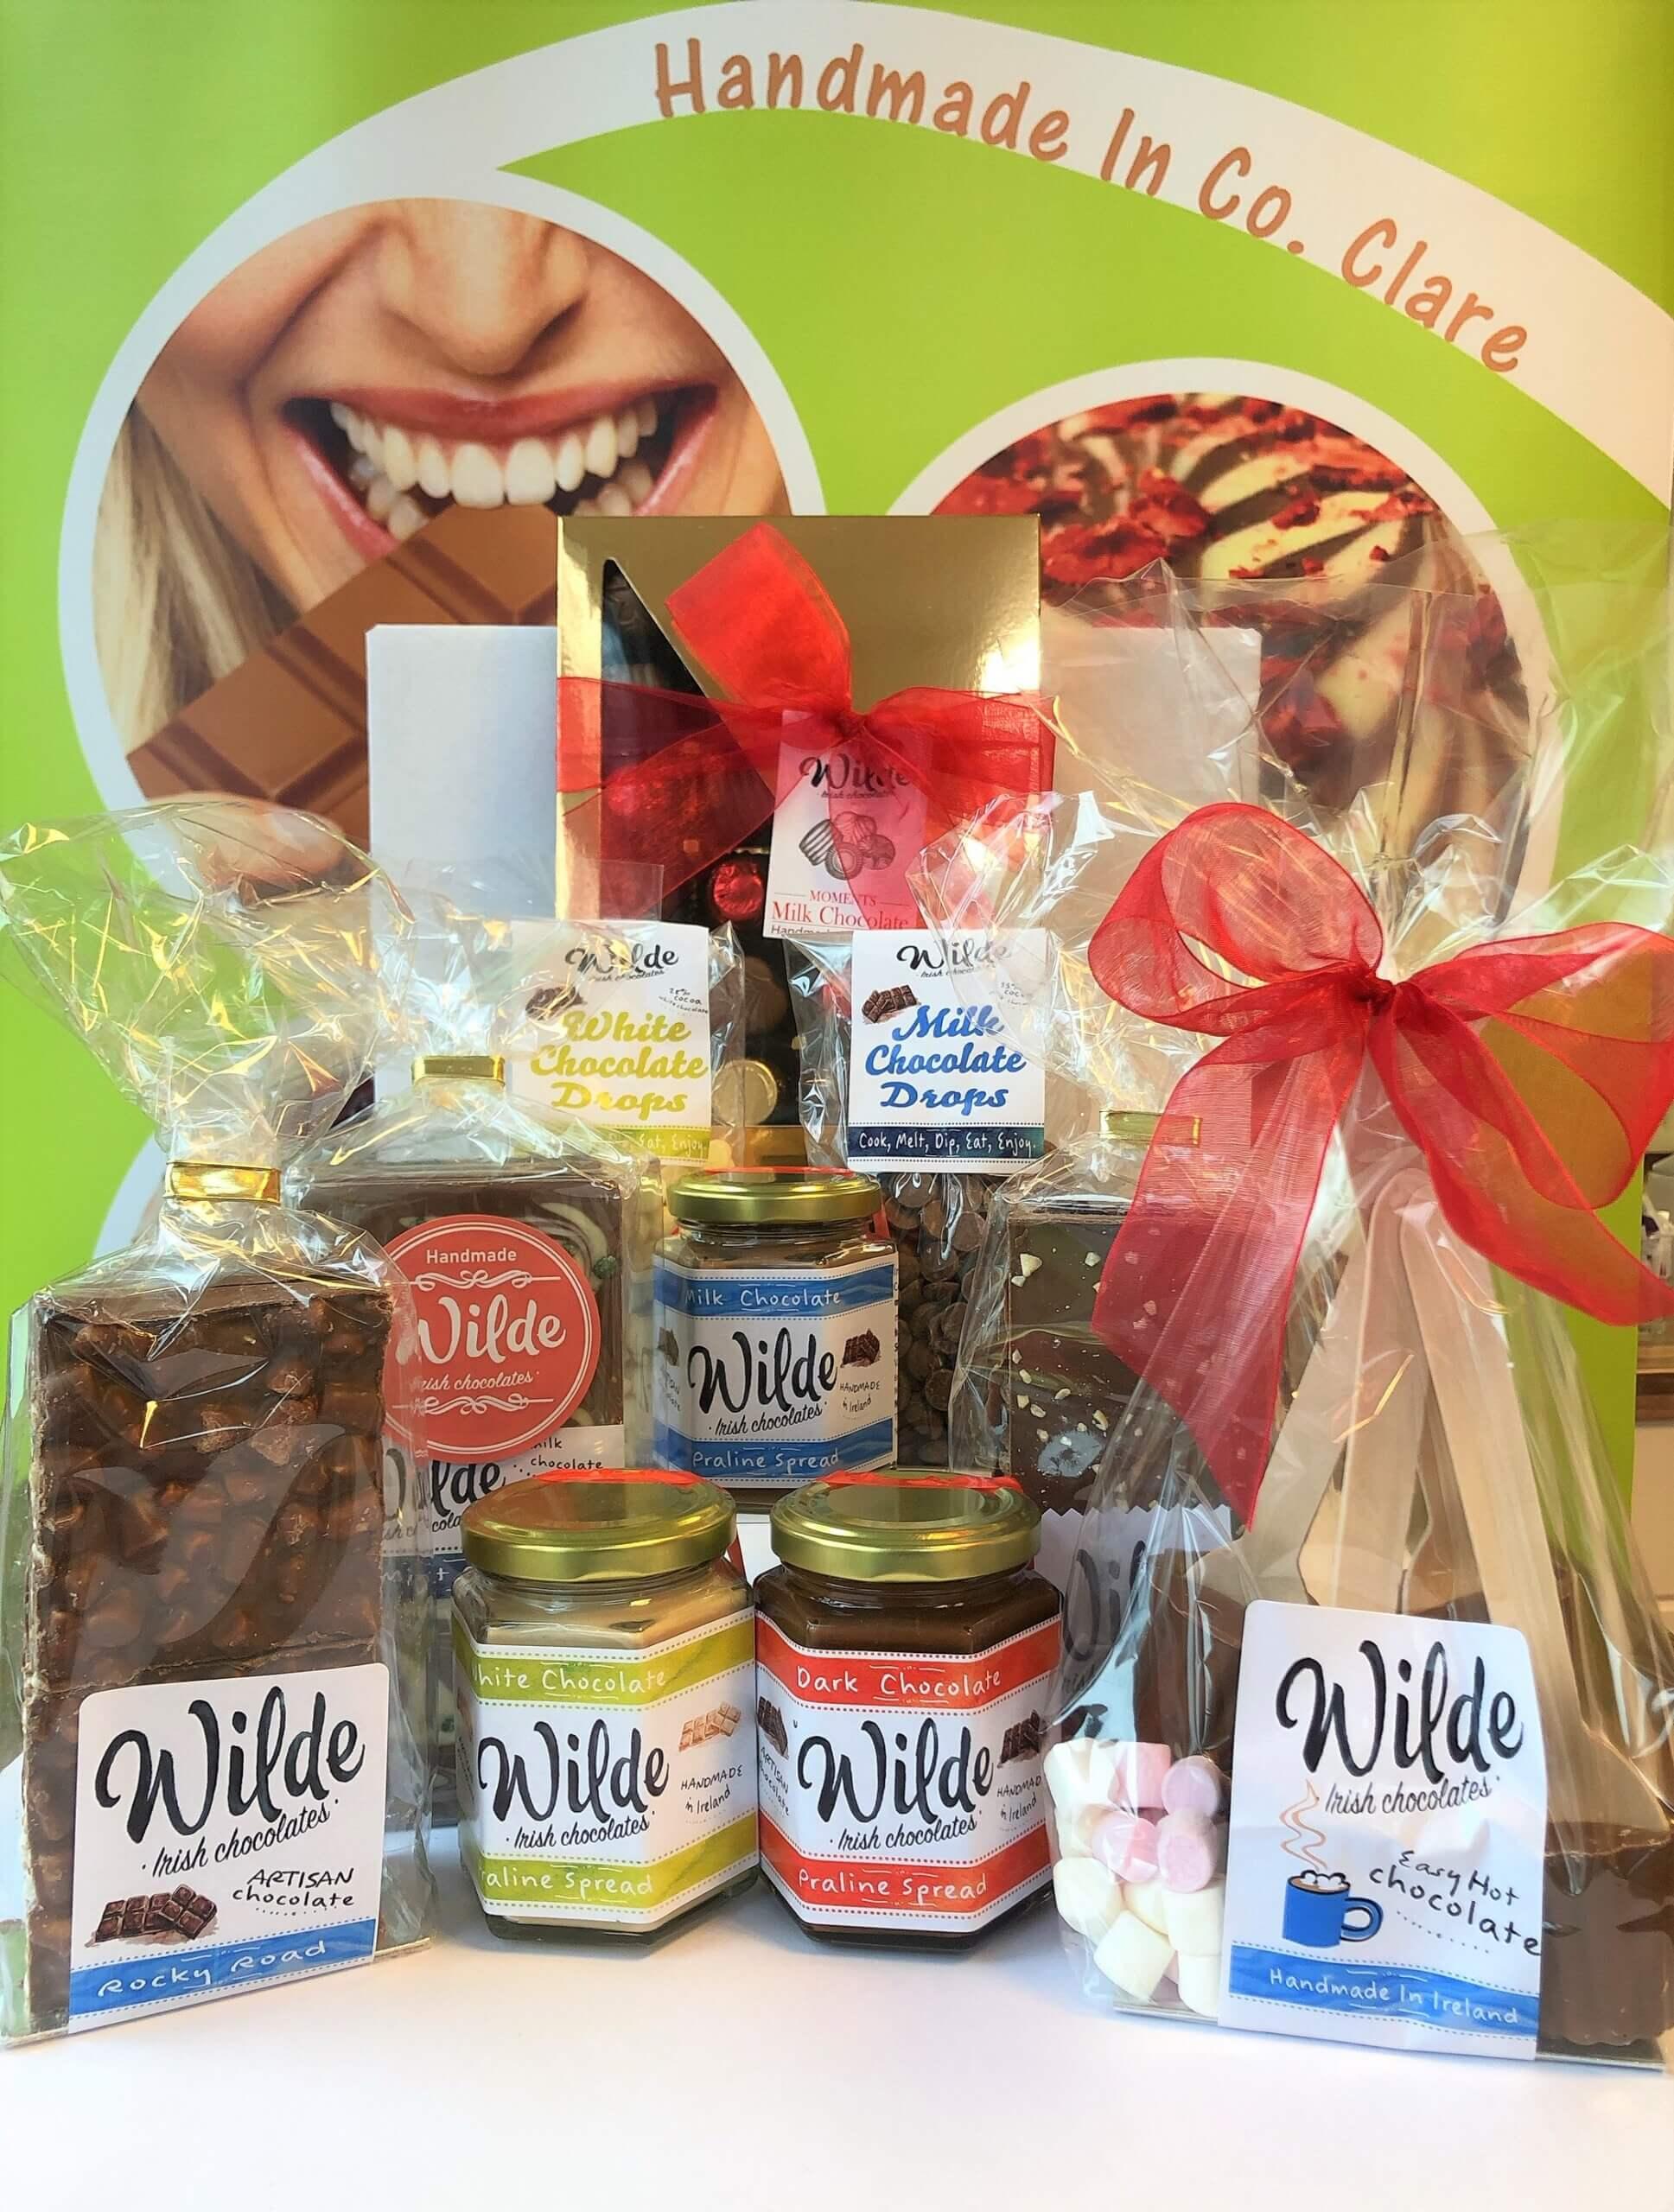 Go Wilde Box Gift Hamper - Wilde Irish Chocolates